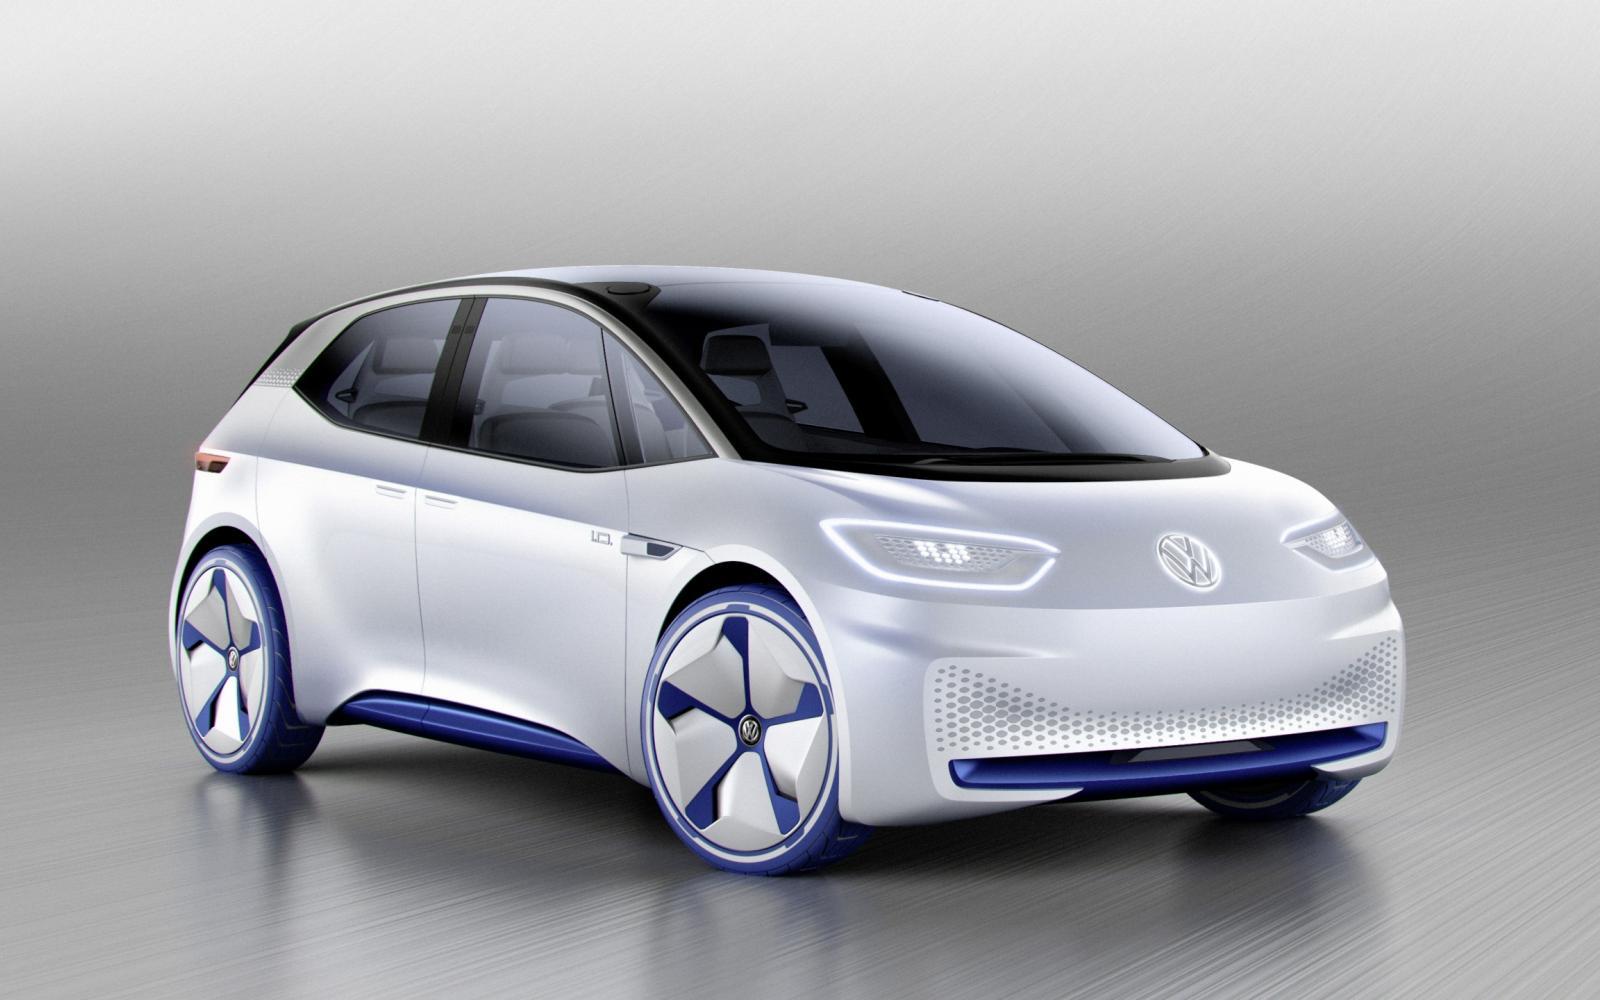 Dit is waarom Volkswagen batterijen met minder kobalt moet ontwikkelen